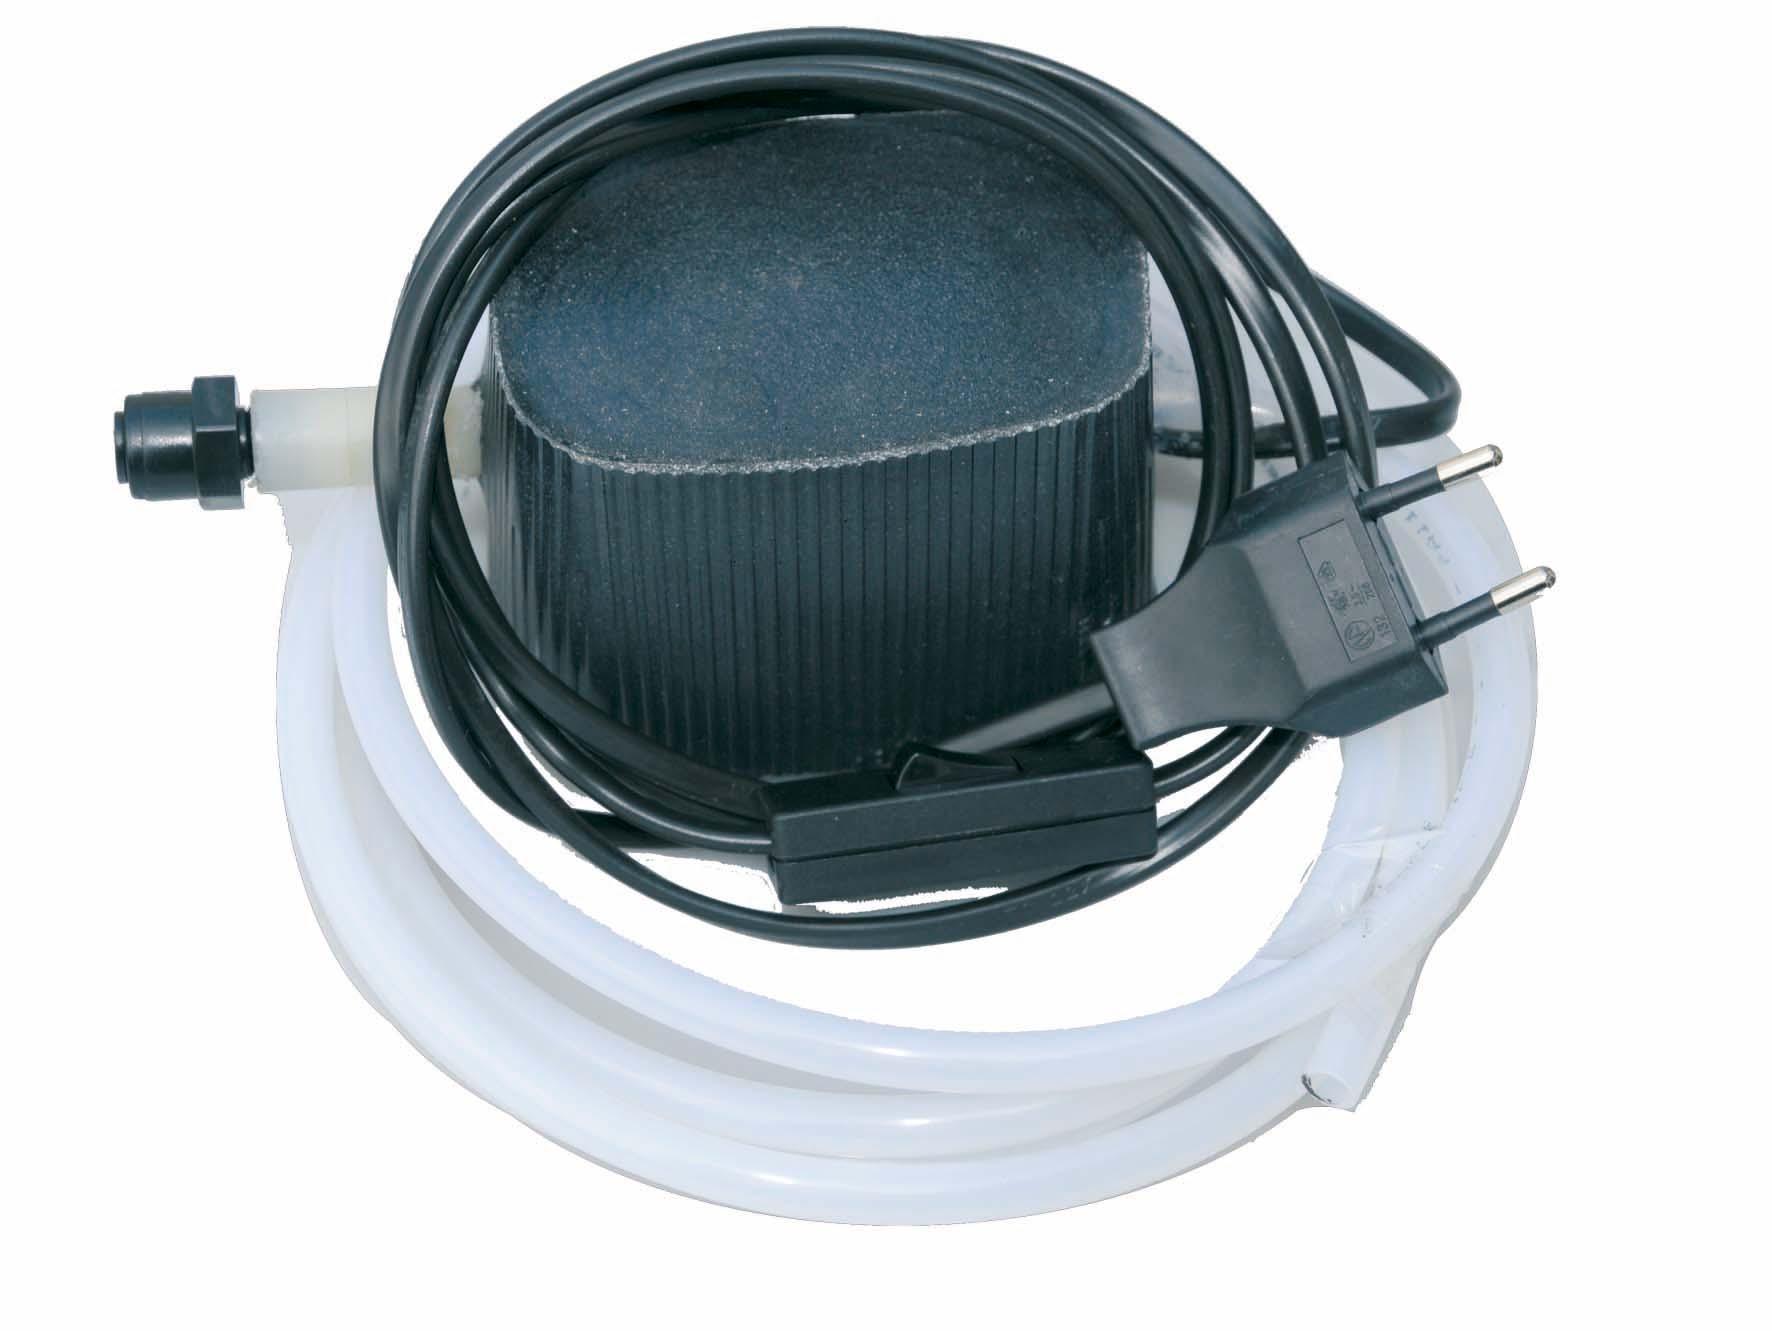 Bomba de alta presión (2,7 bar) 32w 120l/h Sistema Lluvia